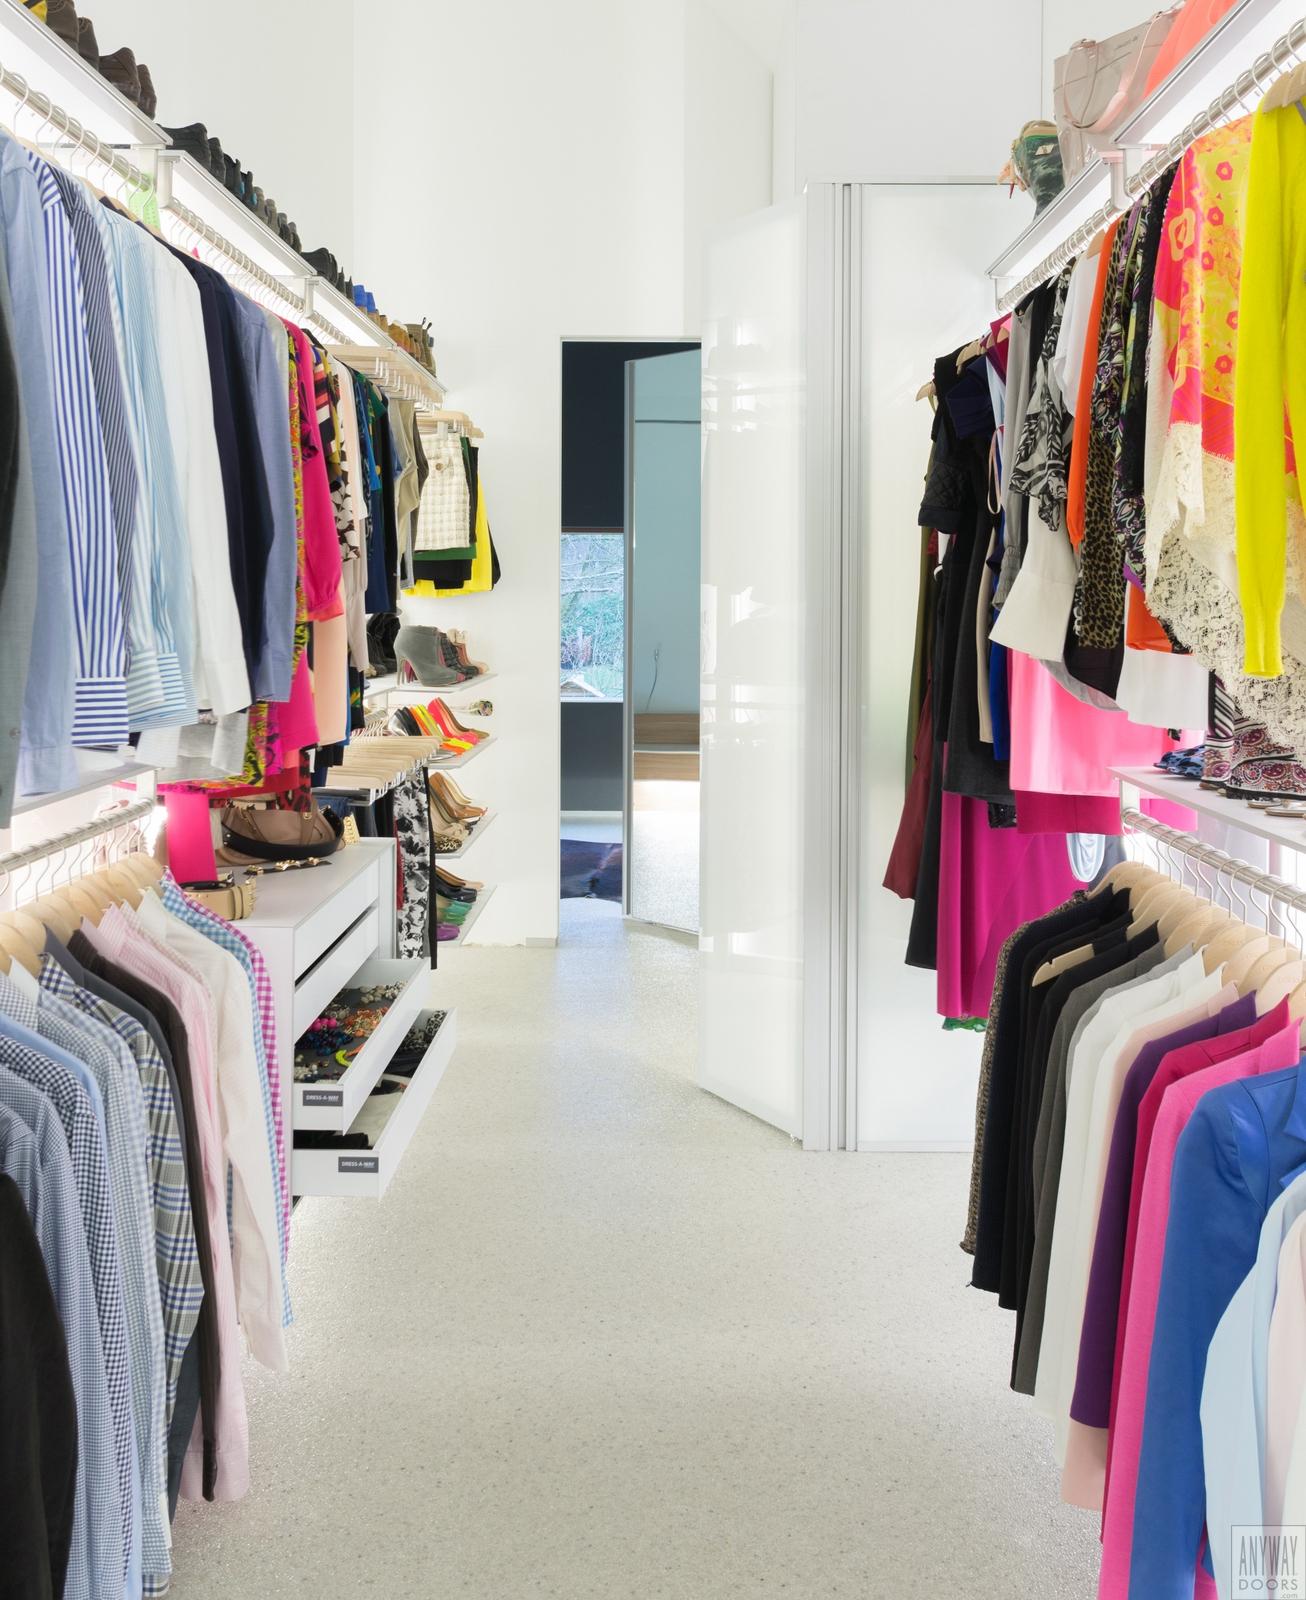 Praktische tips uw dressing functioneel inrichten anyway doors blog - Slaapkamer met badkamer en dressing ...